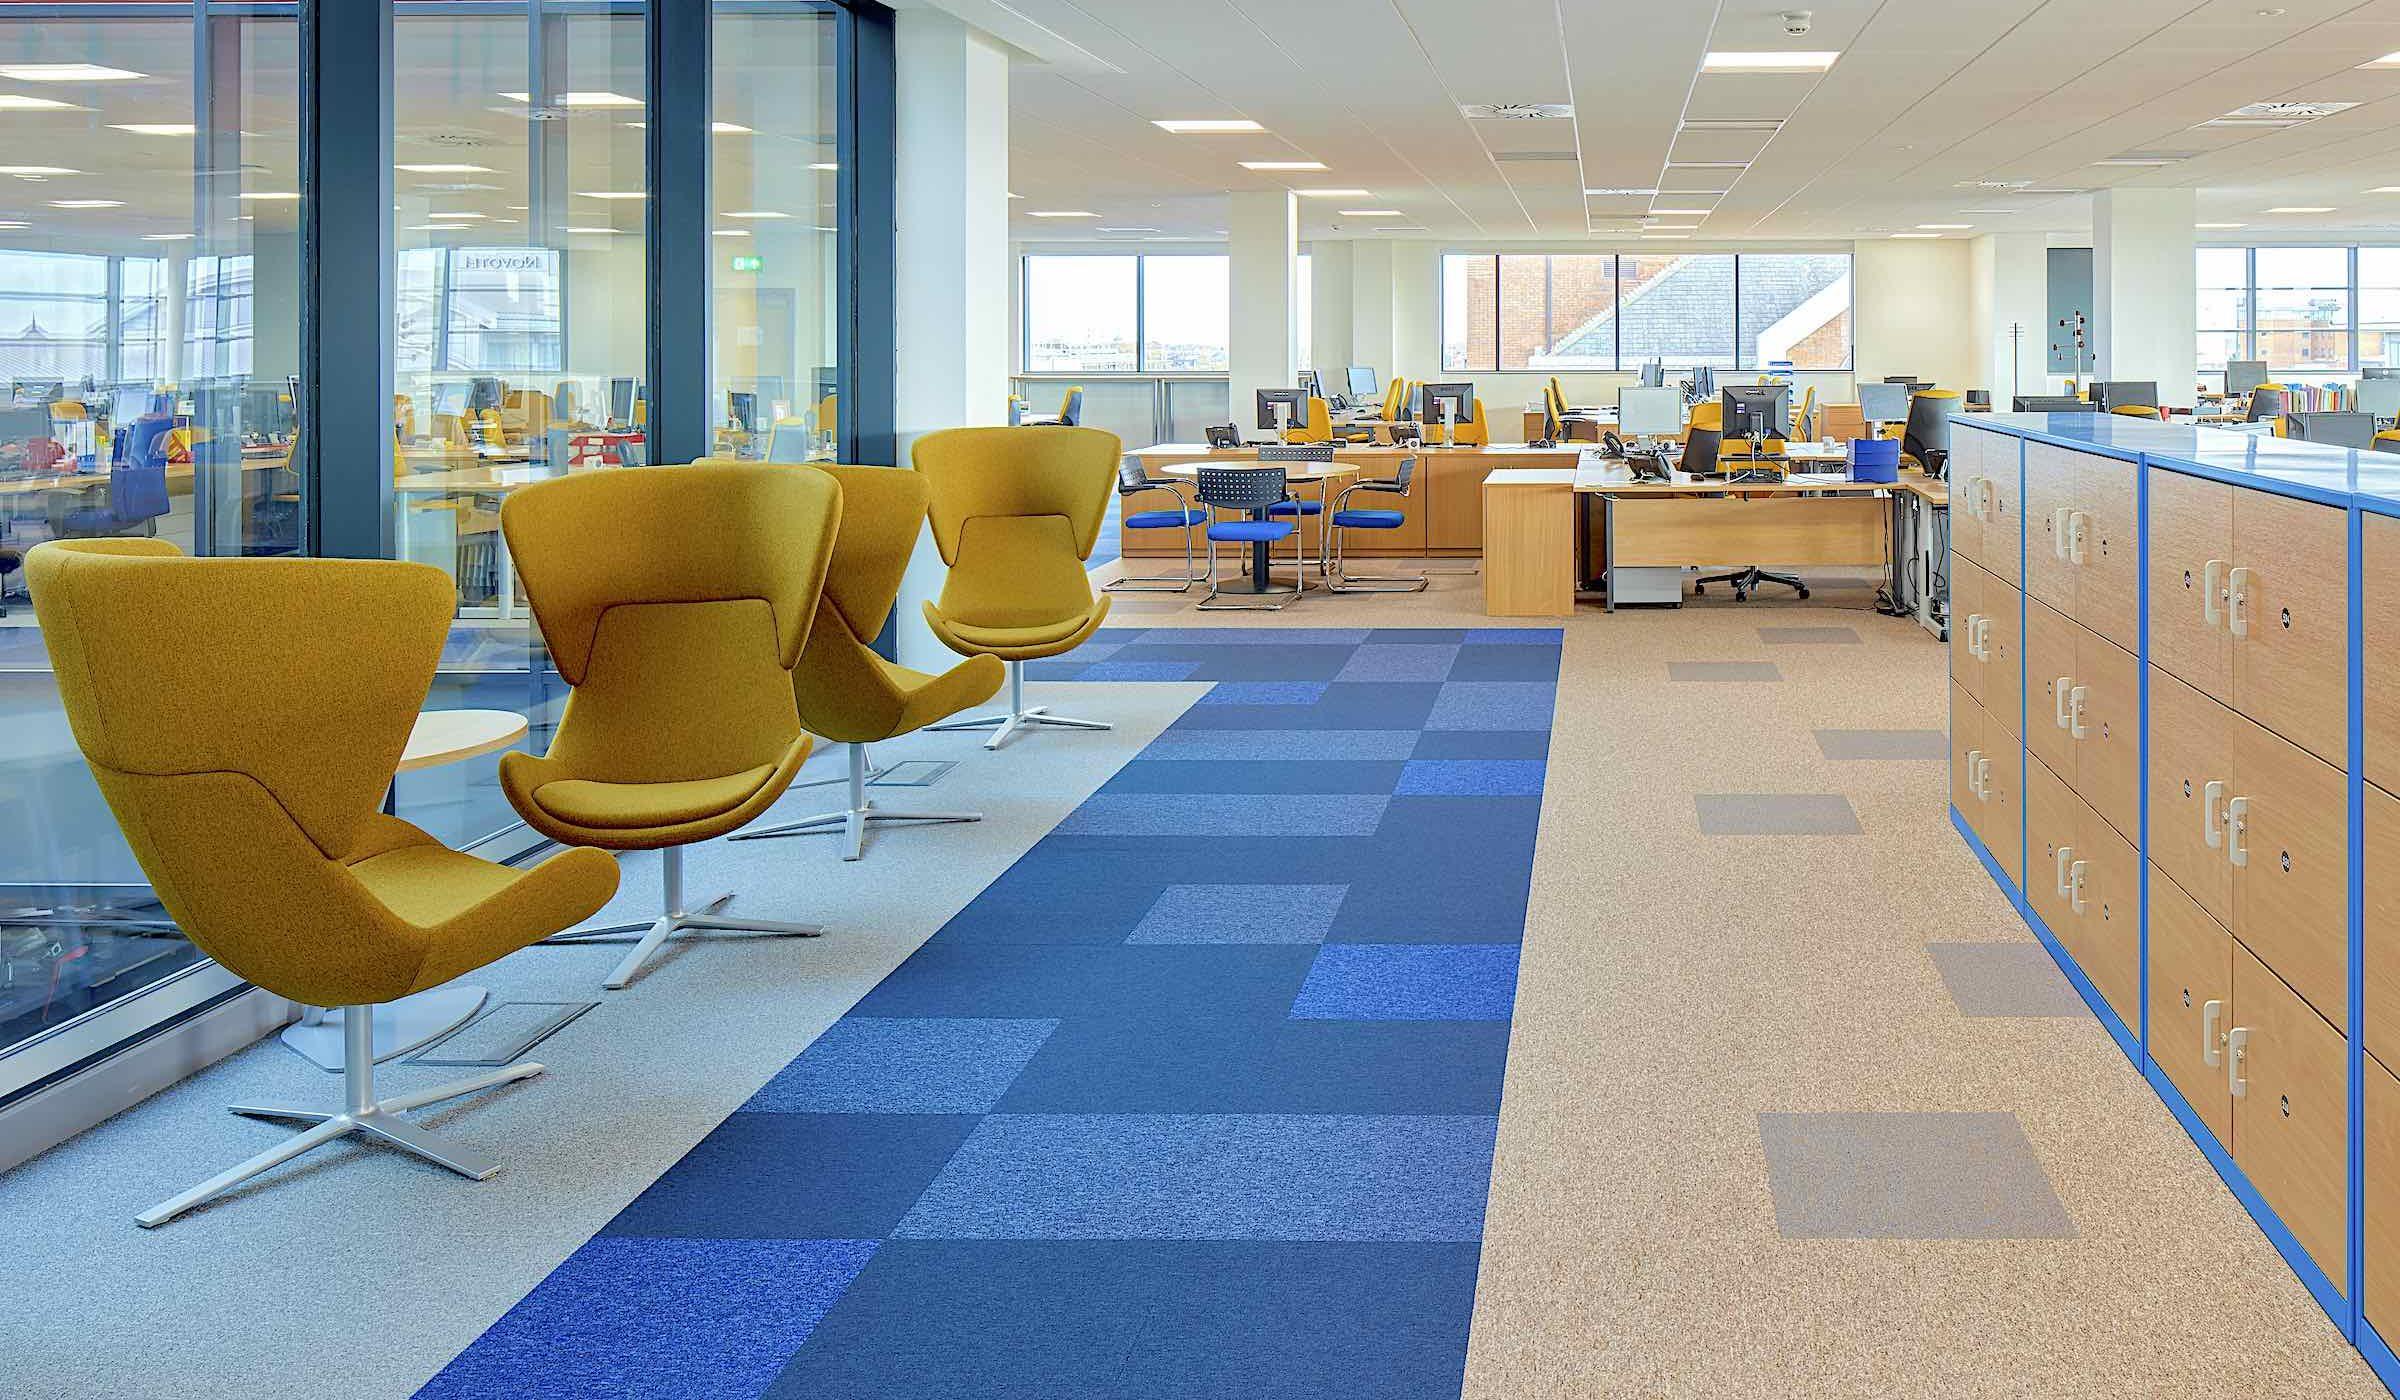 Toccarre | Paragon Carpet Tiles | Commercial Carpet Tiles | Design Carpet Tiles 2